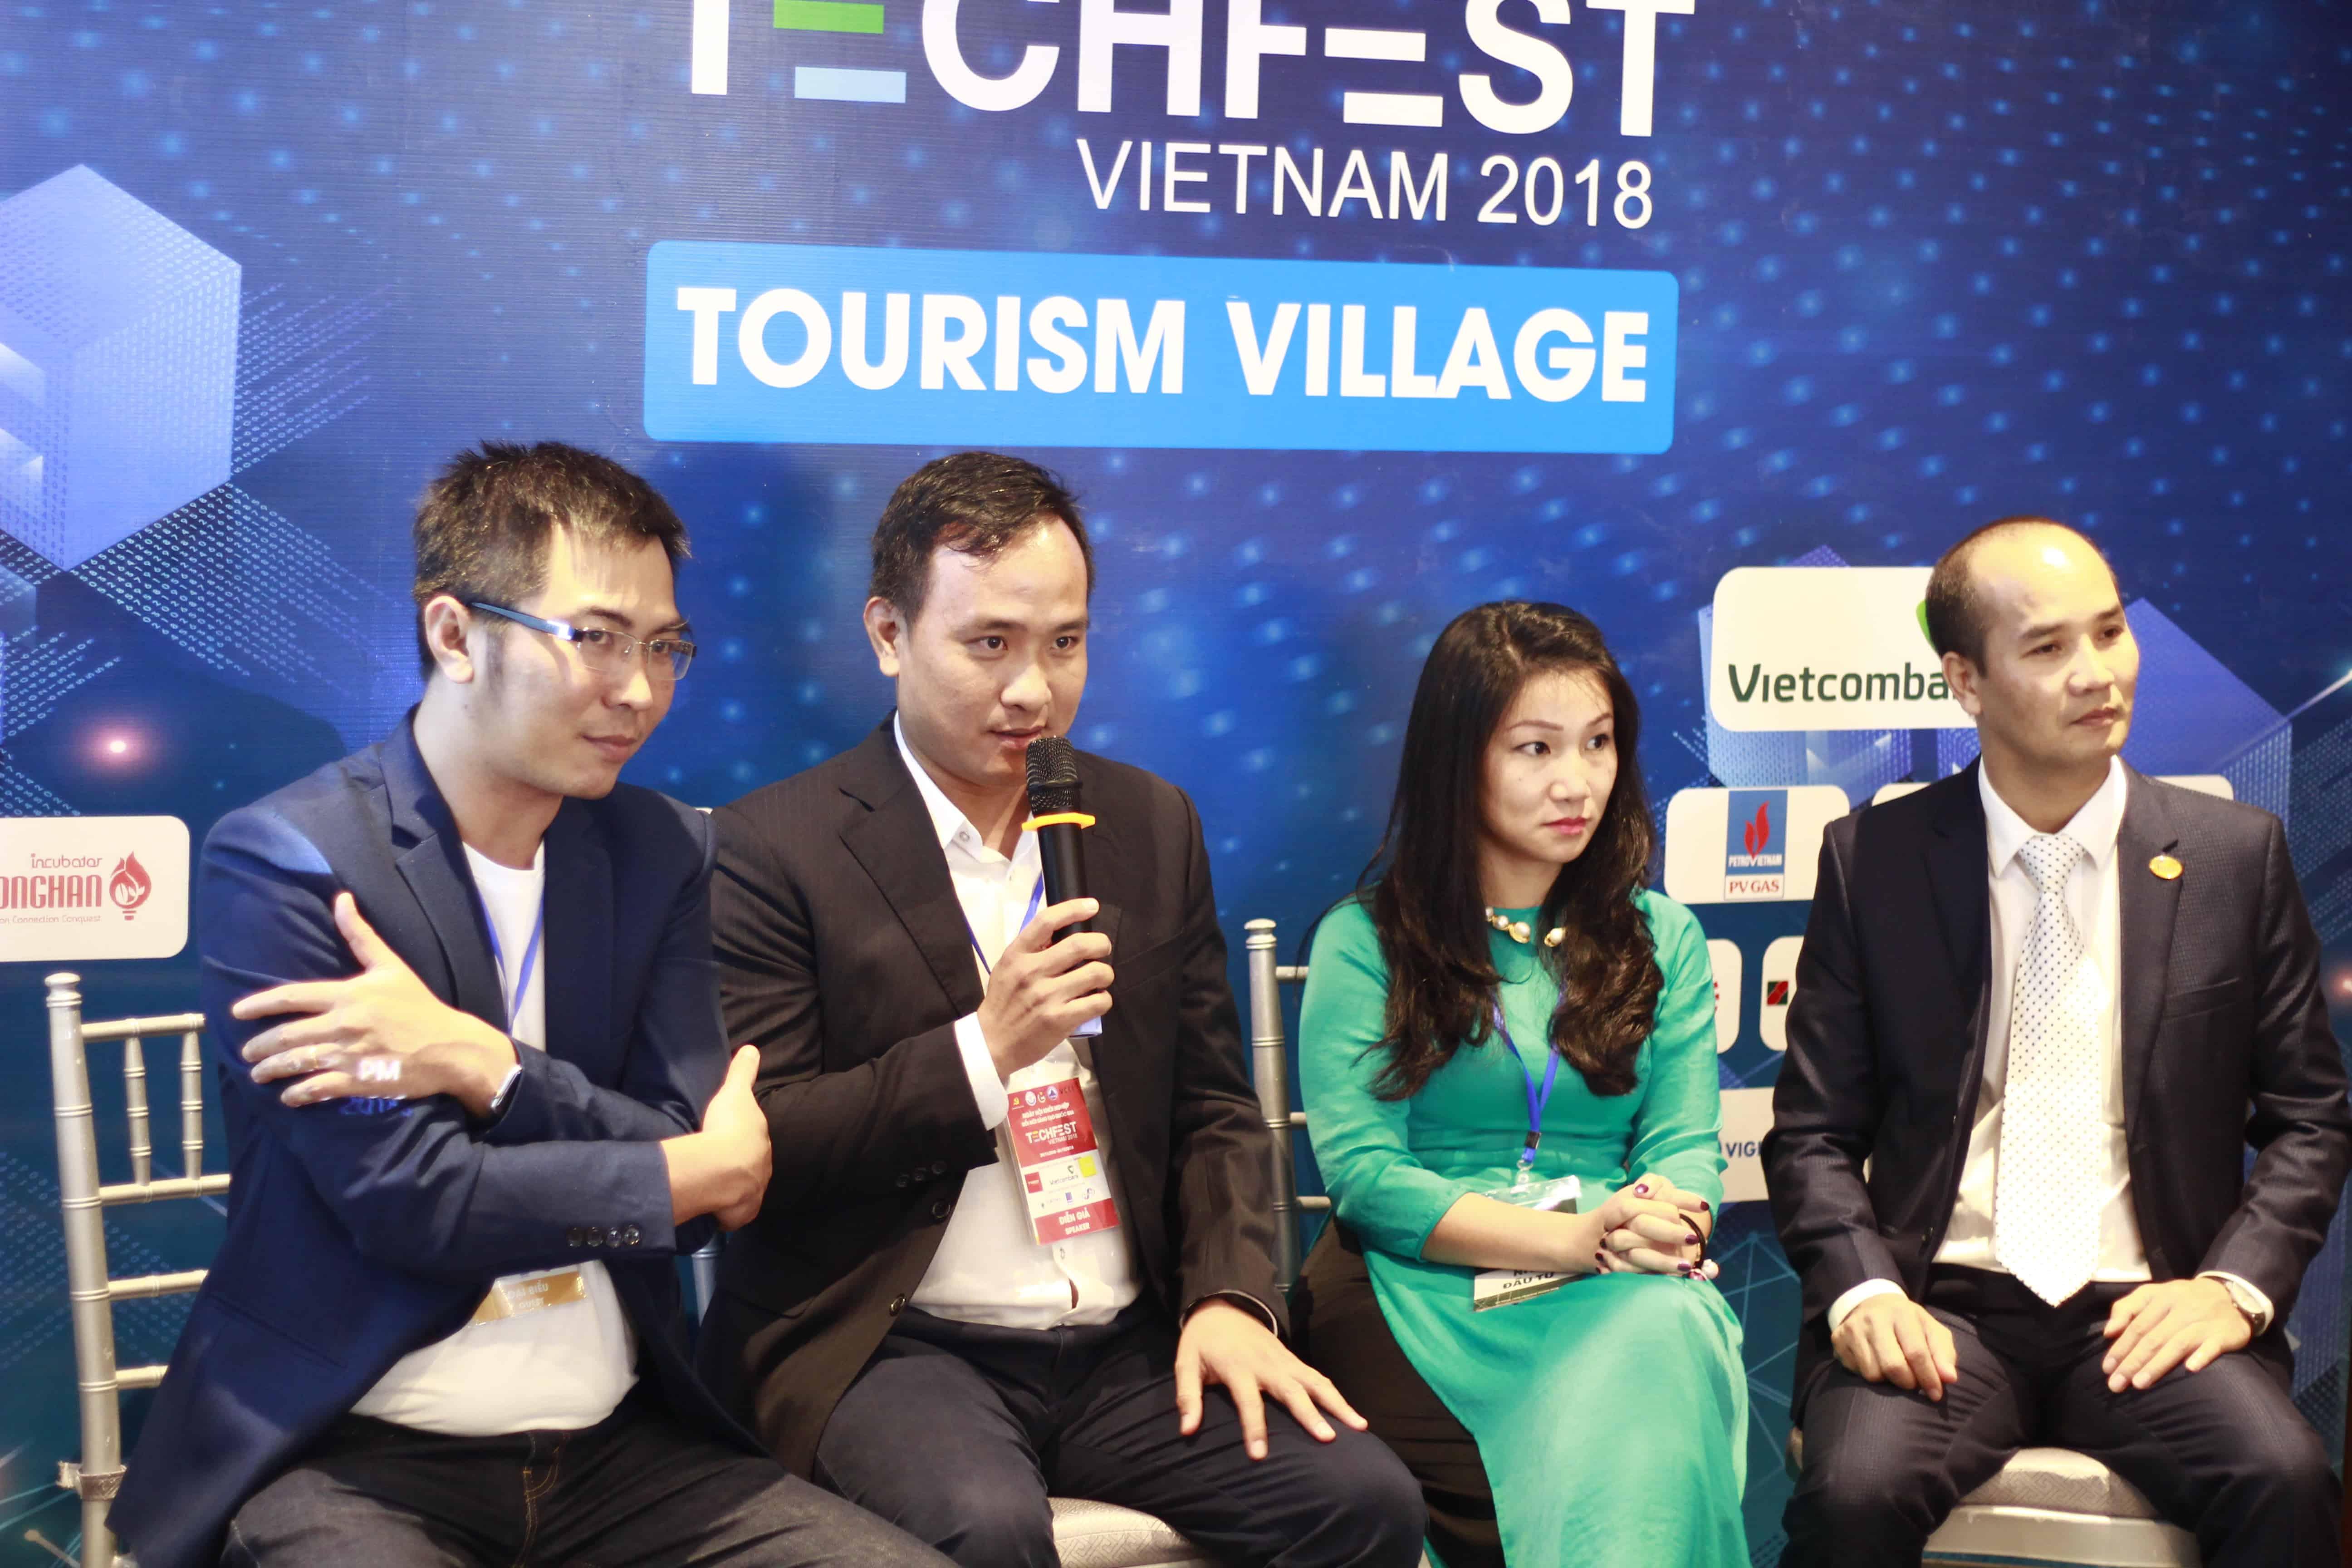 CEO ezCloud là diễn giả của 2 tọa đàm về Công nghệ và Du lịch trong TECHFEST 2018